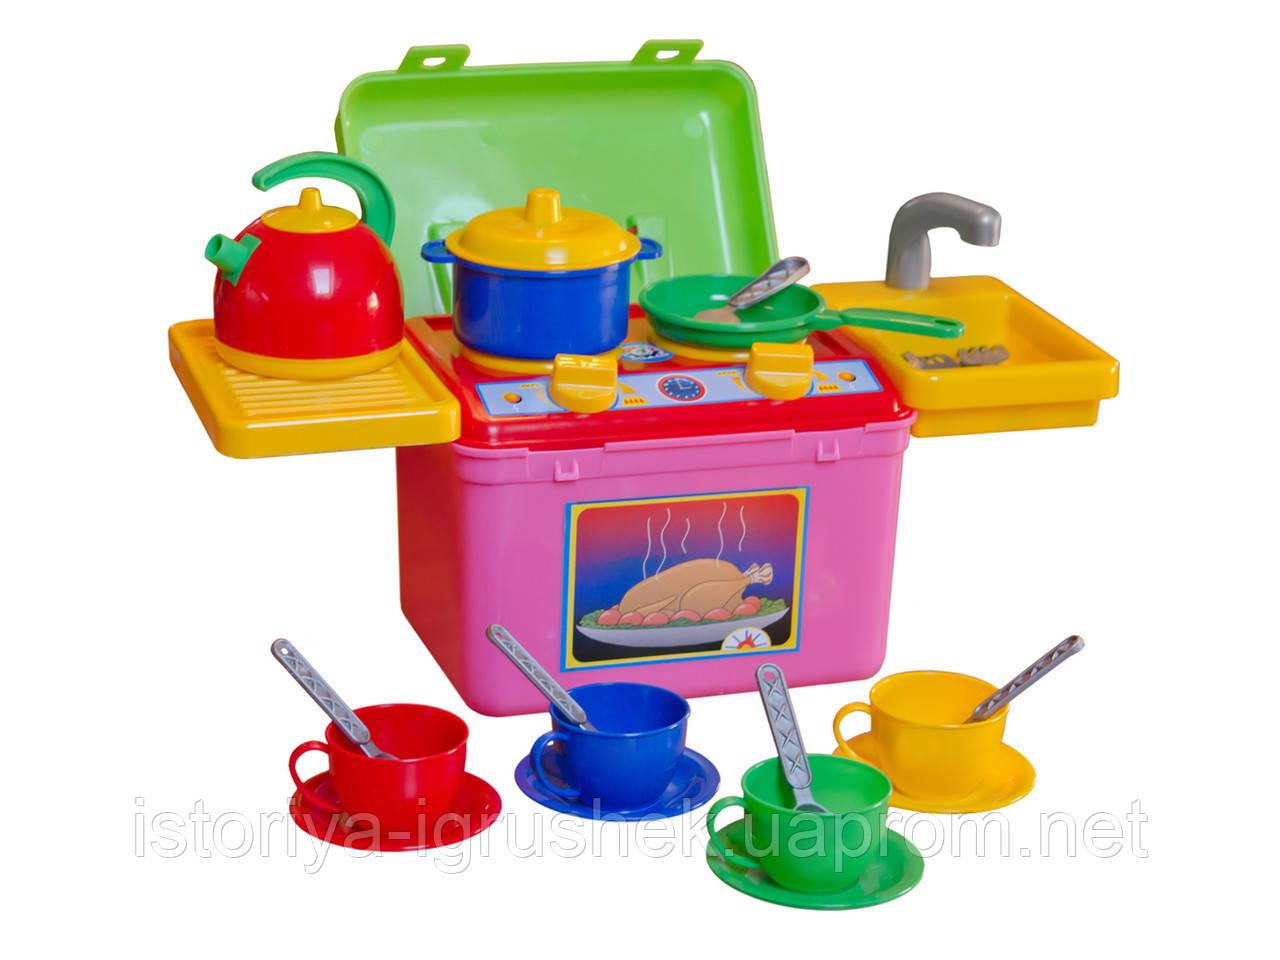 Детская кухня Галинка 8 Технок 2377